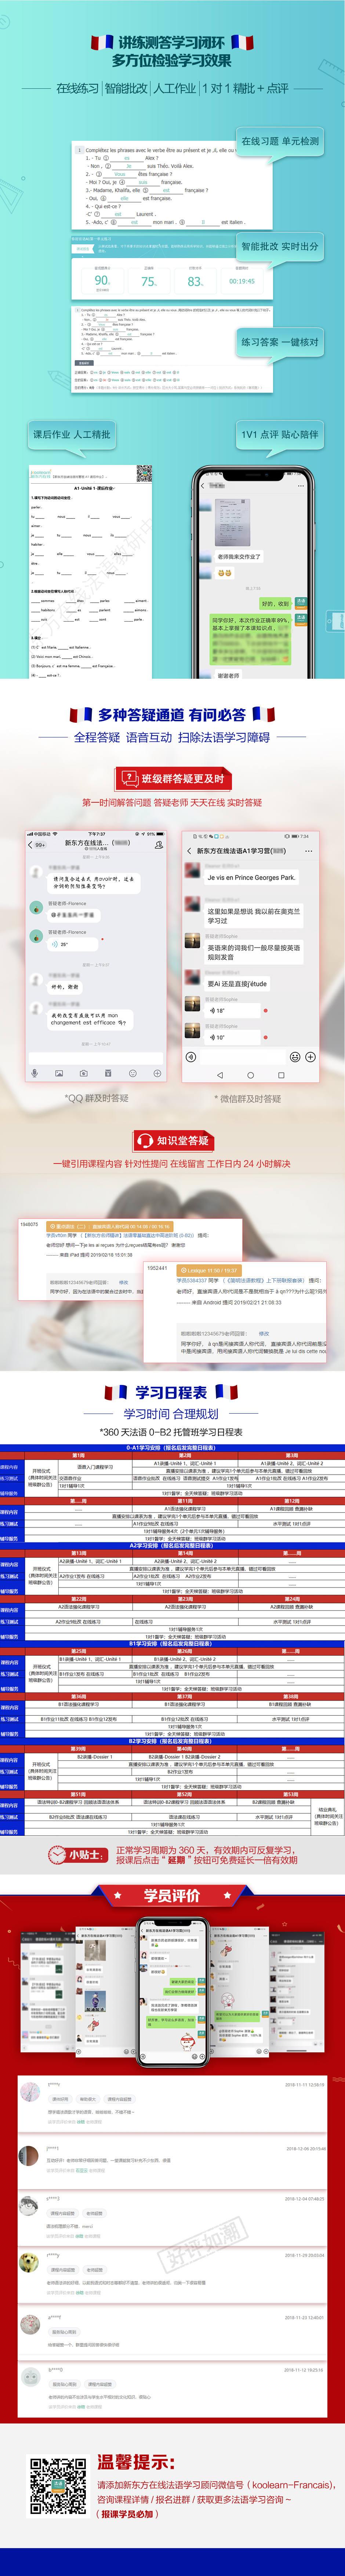 新东方在线法语培训